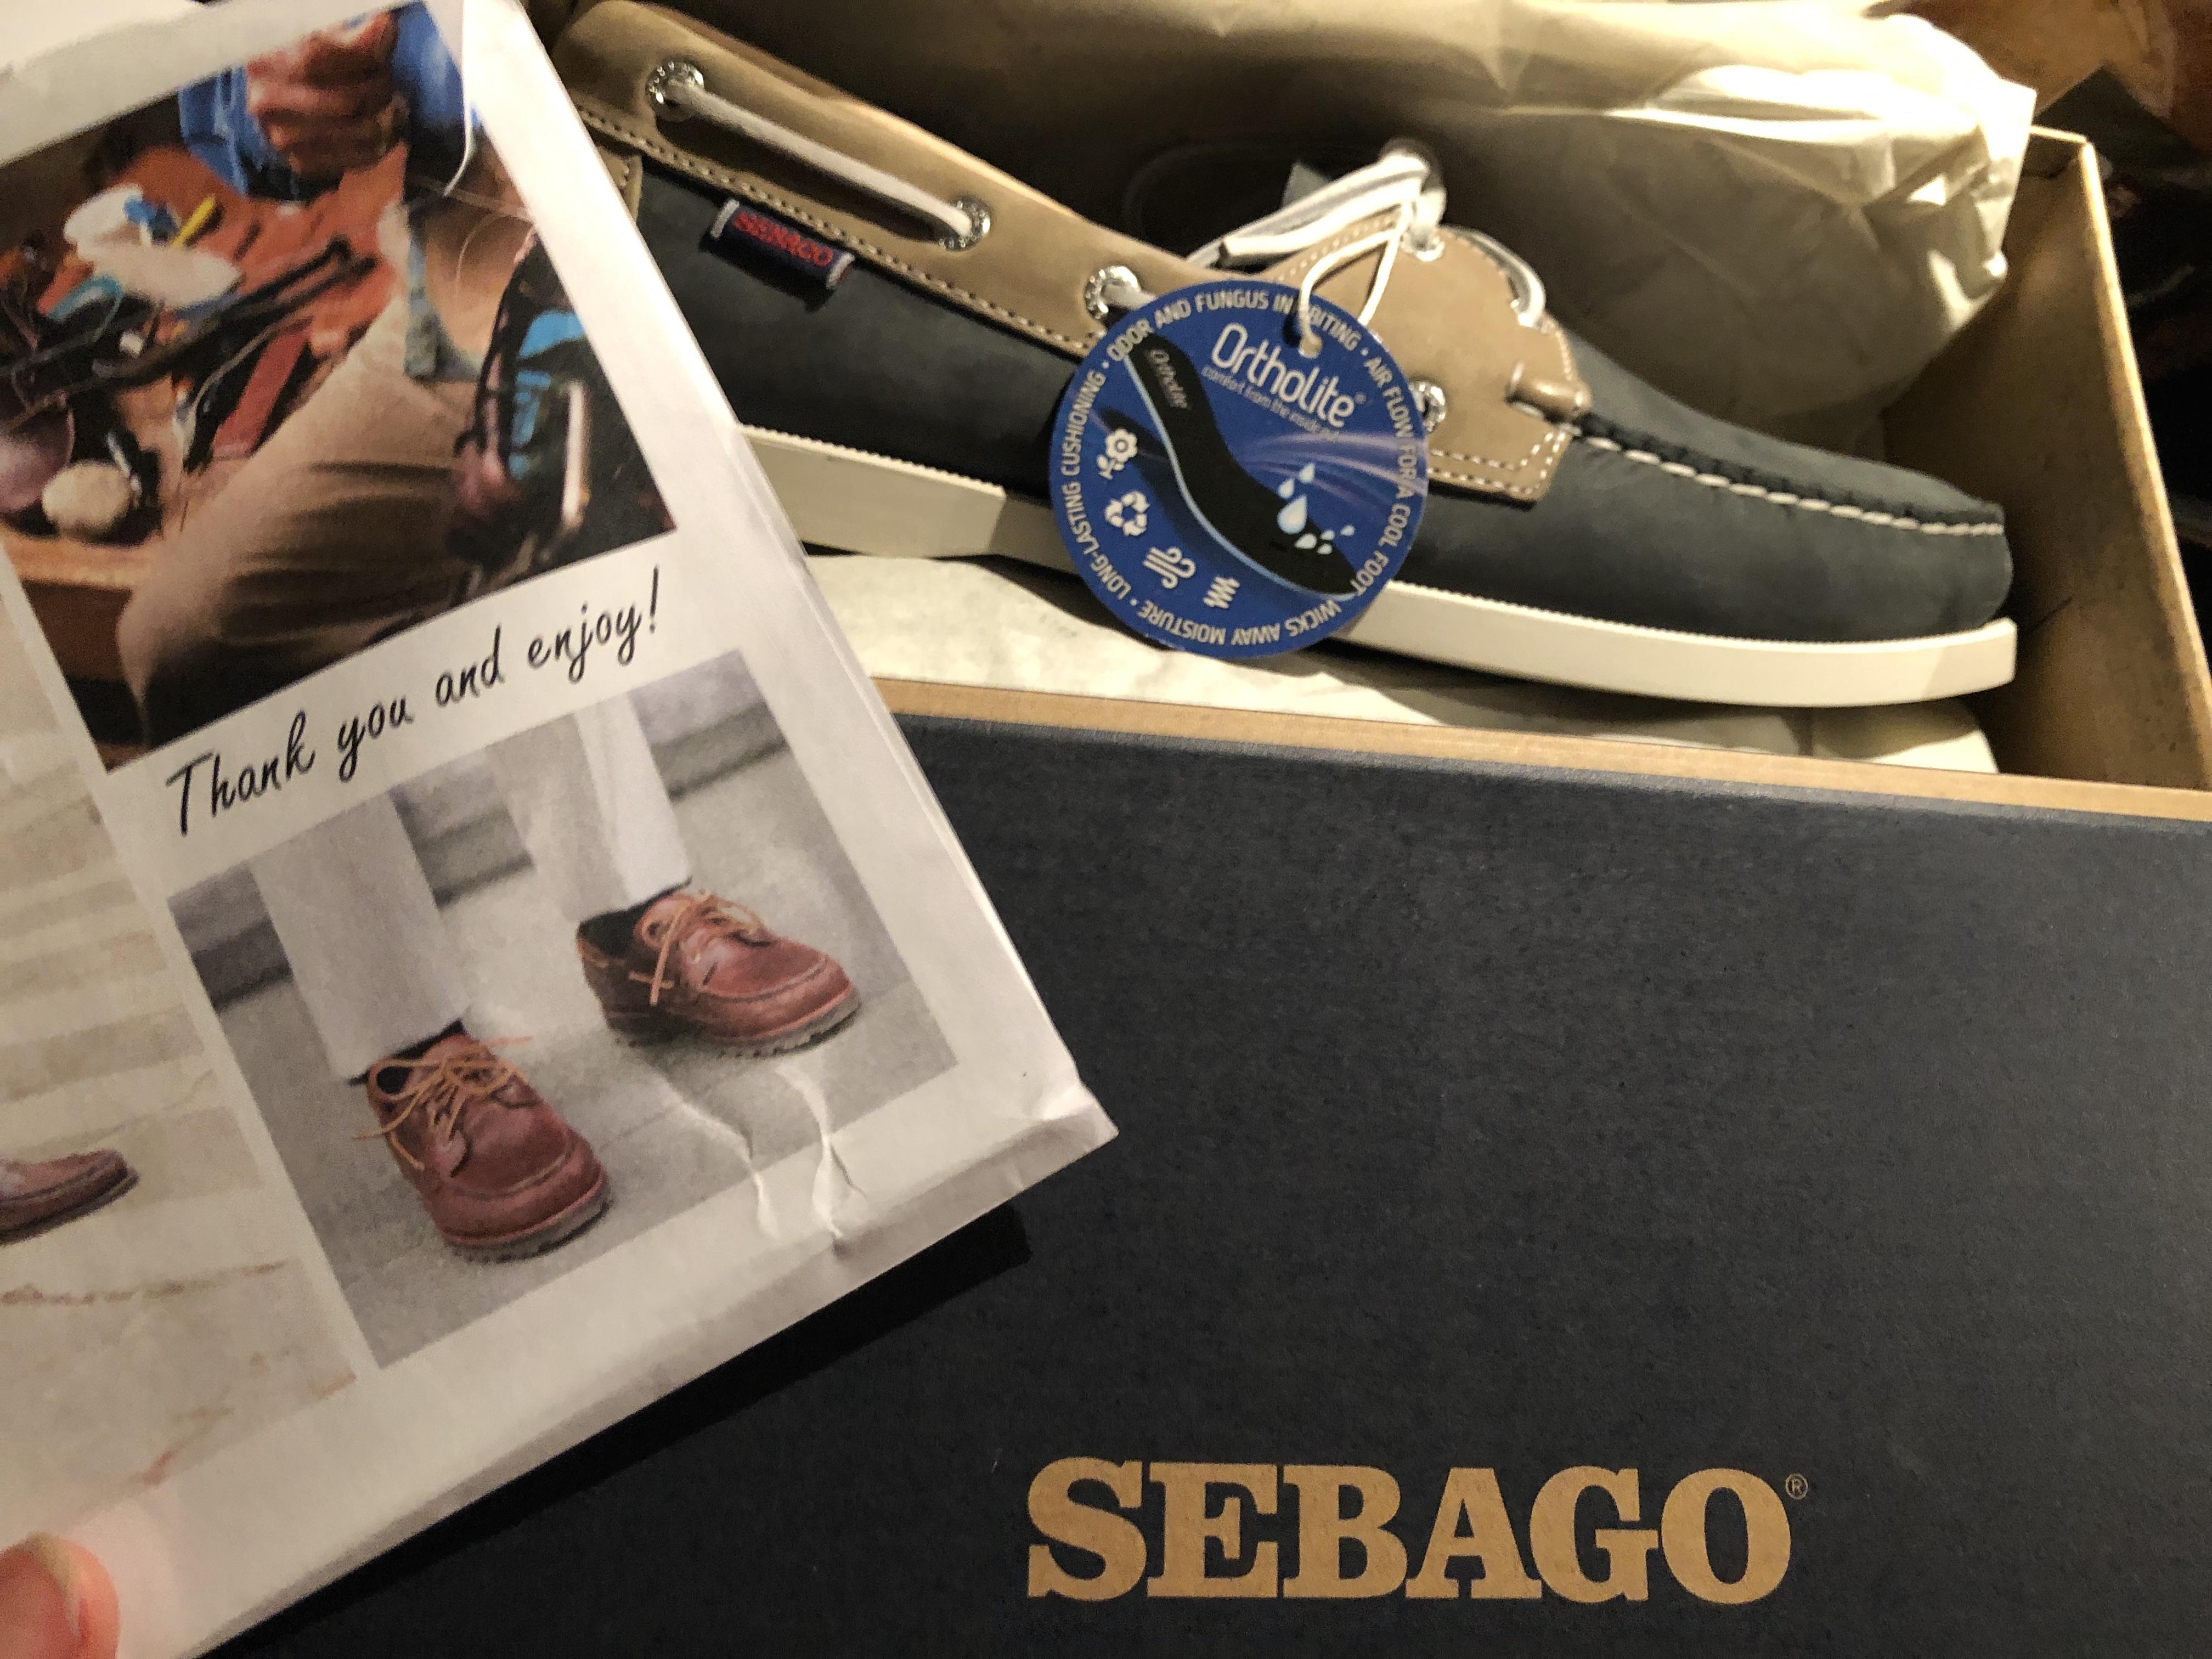 6c1fb09d807 Bootschoenen van Sebago: deze kwalitatieve casual schoenen zijn ...